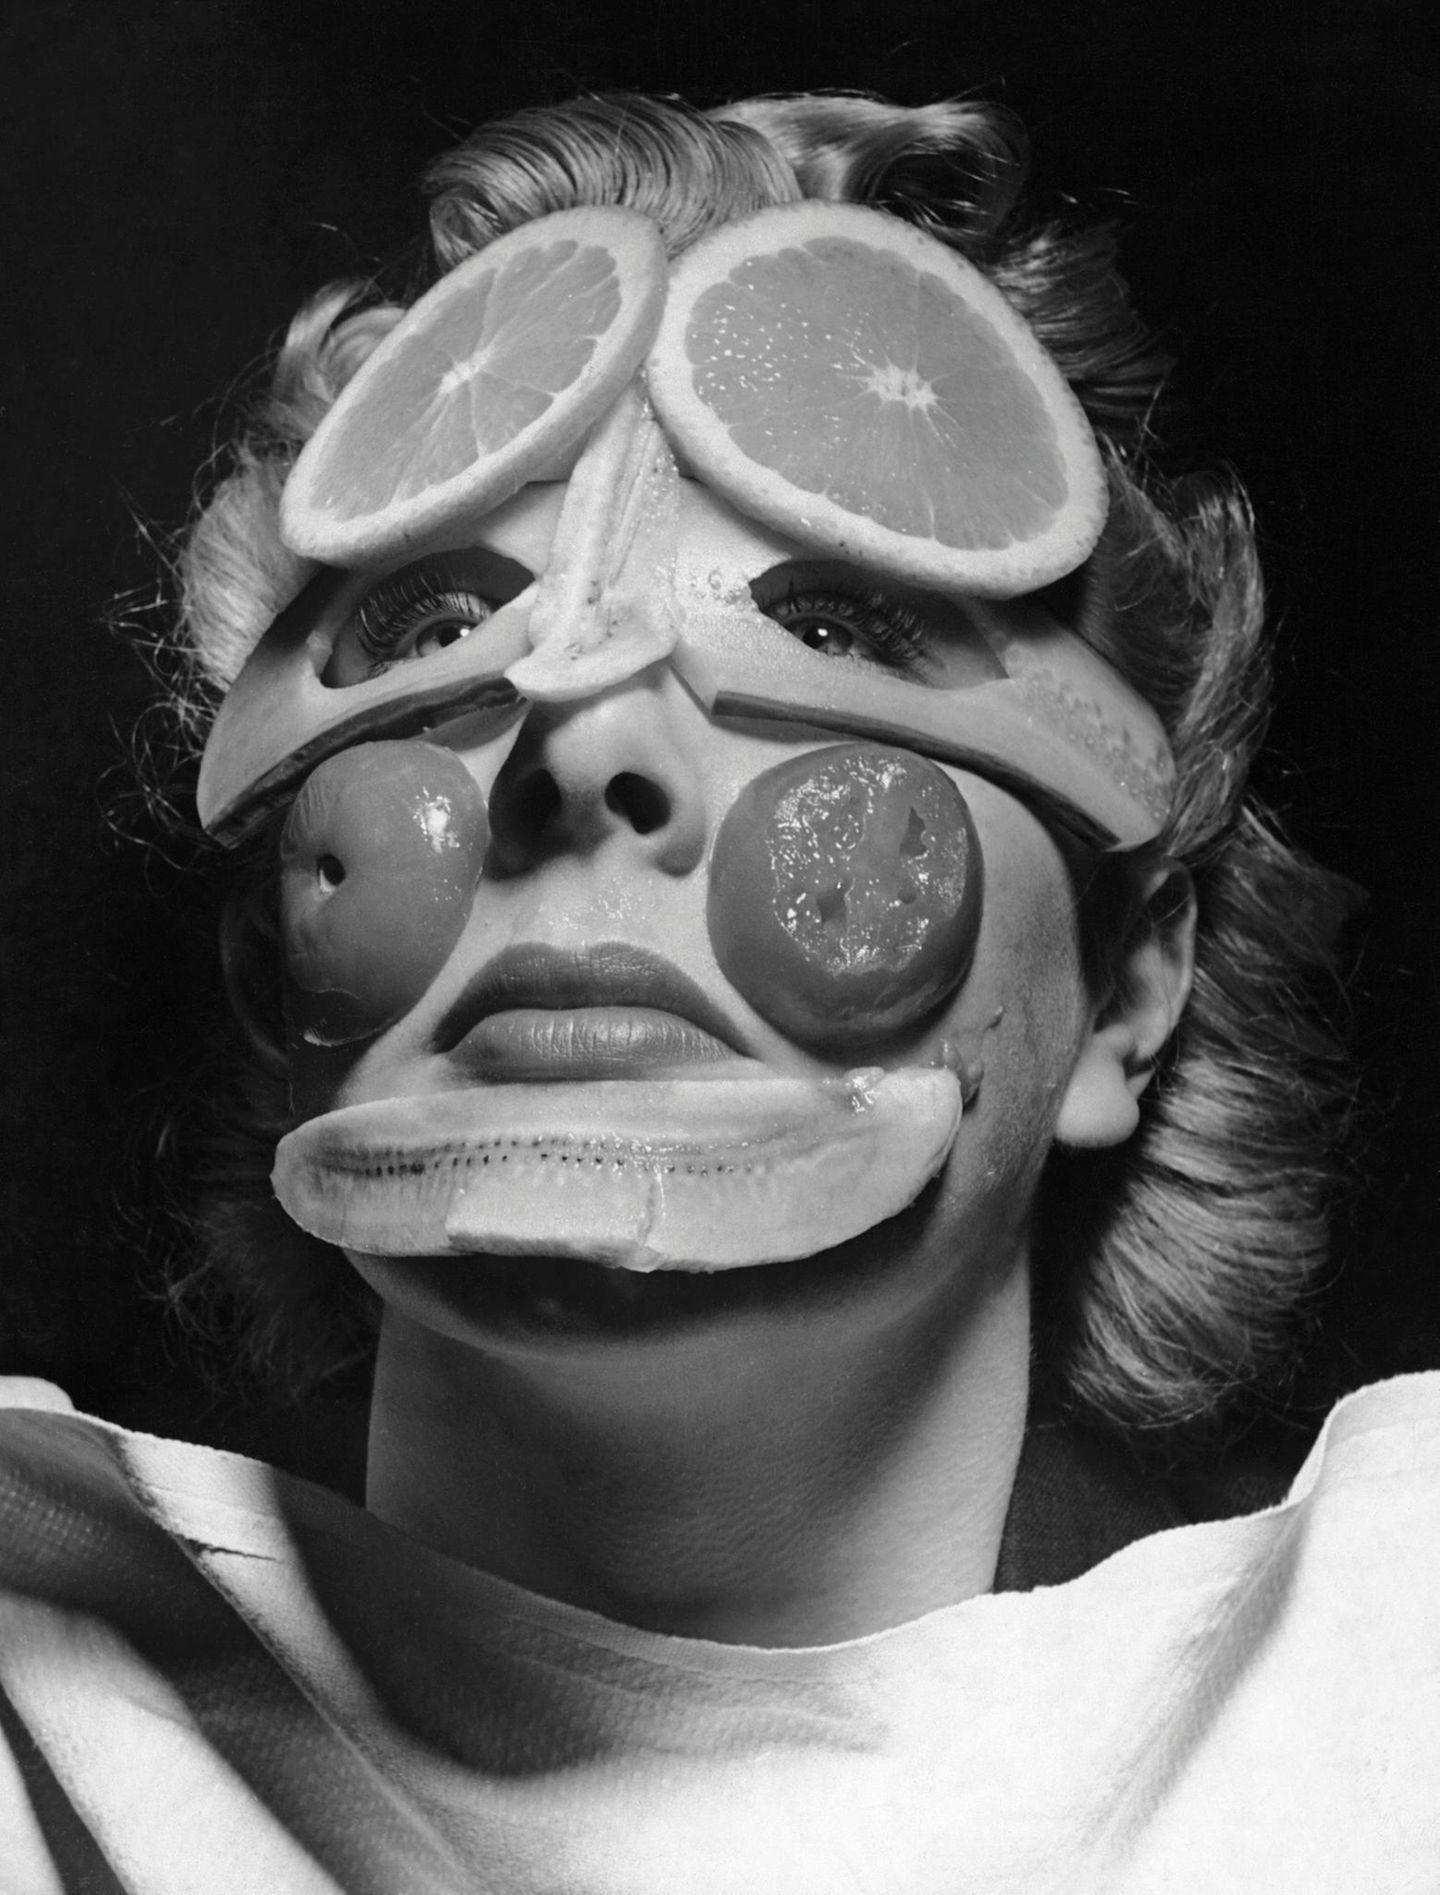 Tutti-Frutti gegen Falten: Diese Frau setzt große Hoffnung auf die wohltuende Wirkung von Tomate, Gurke, Orange und Banane. Aufnahme um 1900.